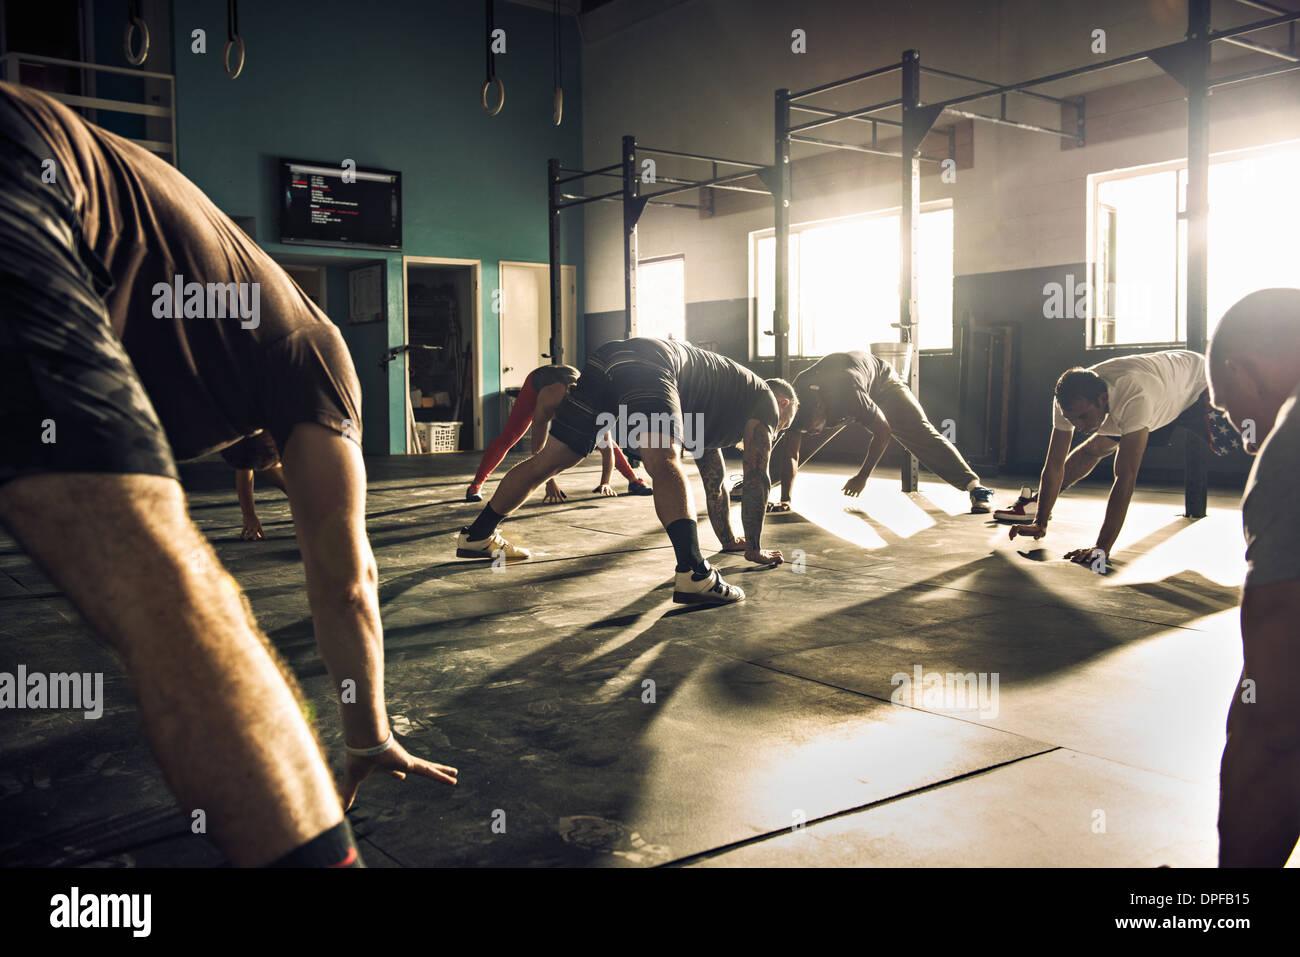 Formation de groupe remise en forme ensemble dans une salle de sport Banque D'Images